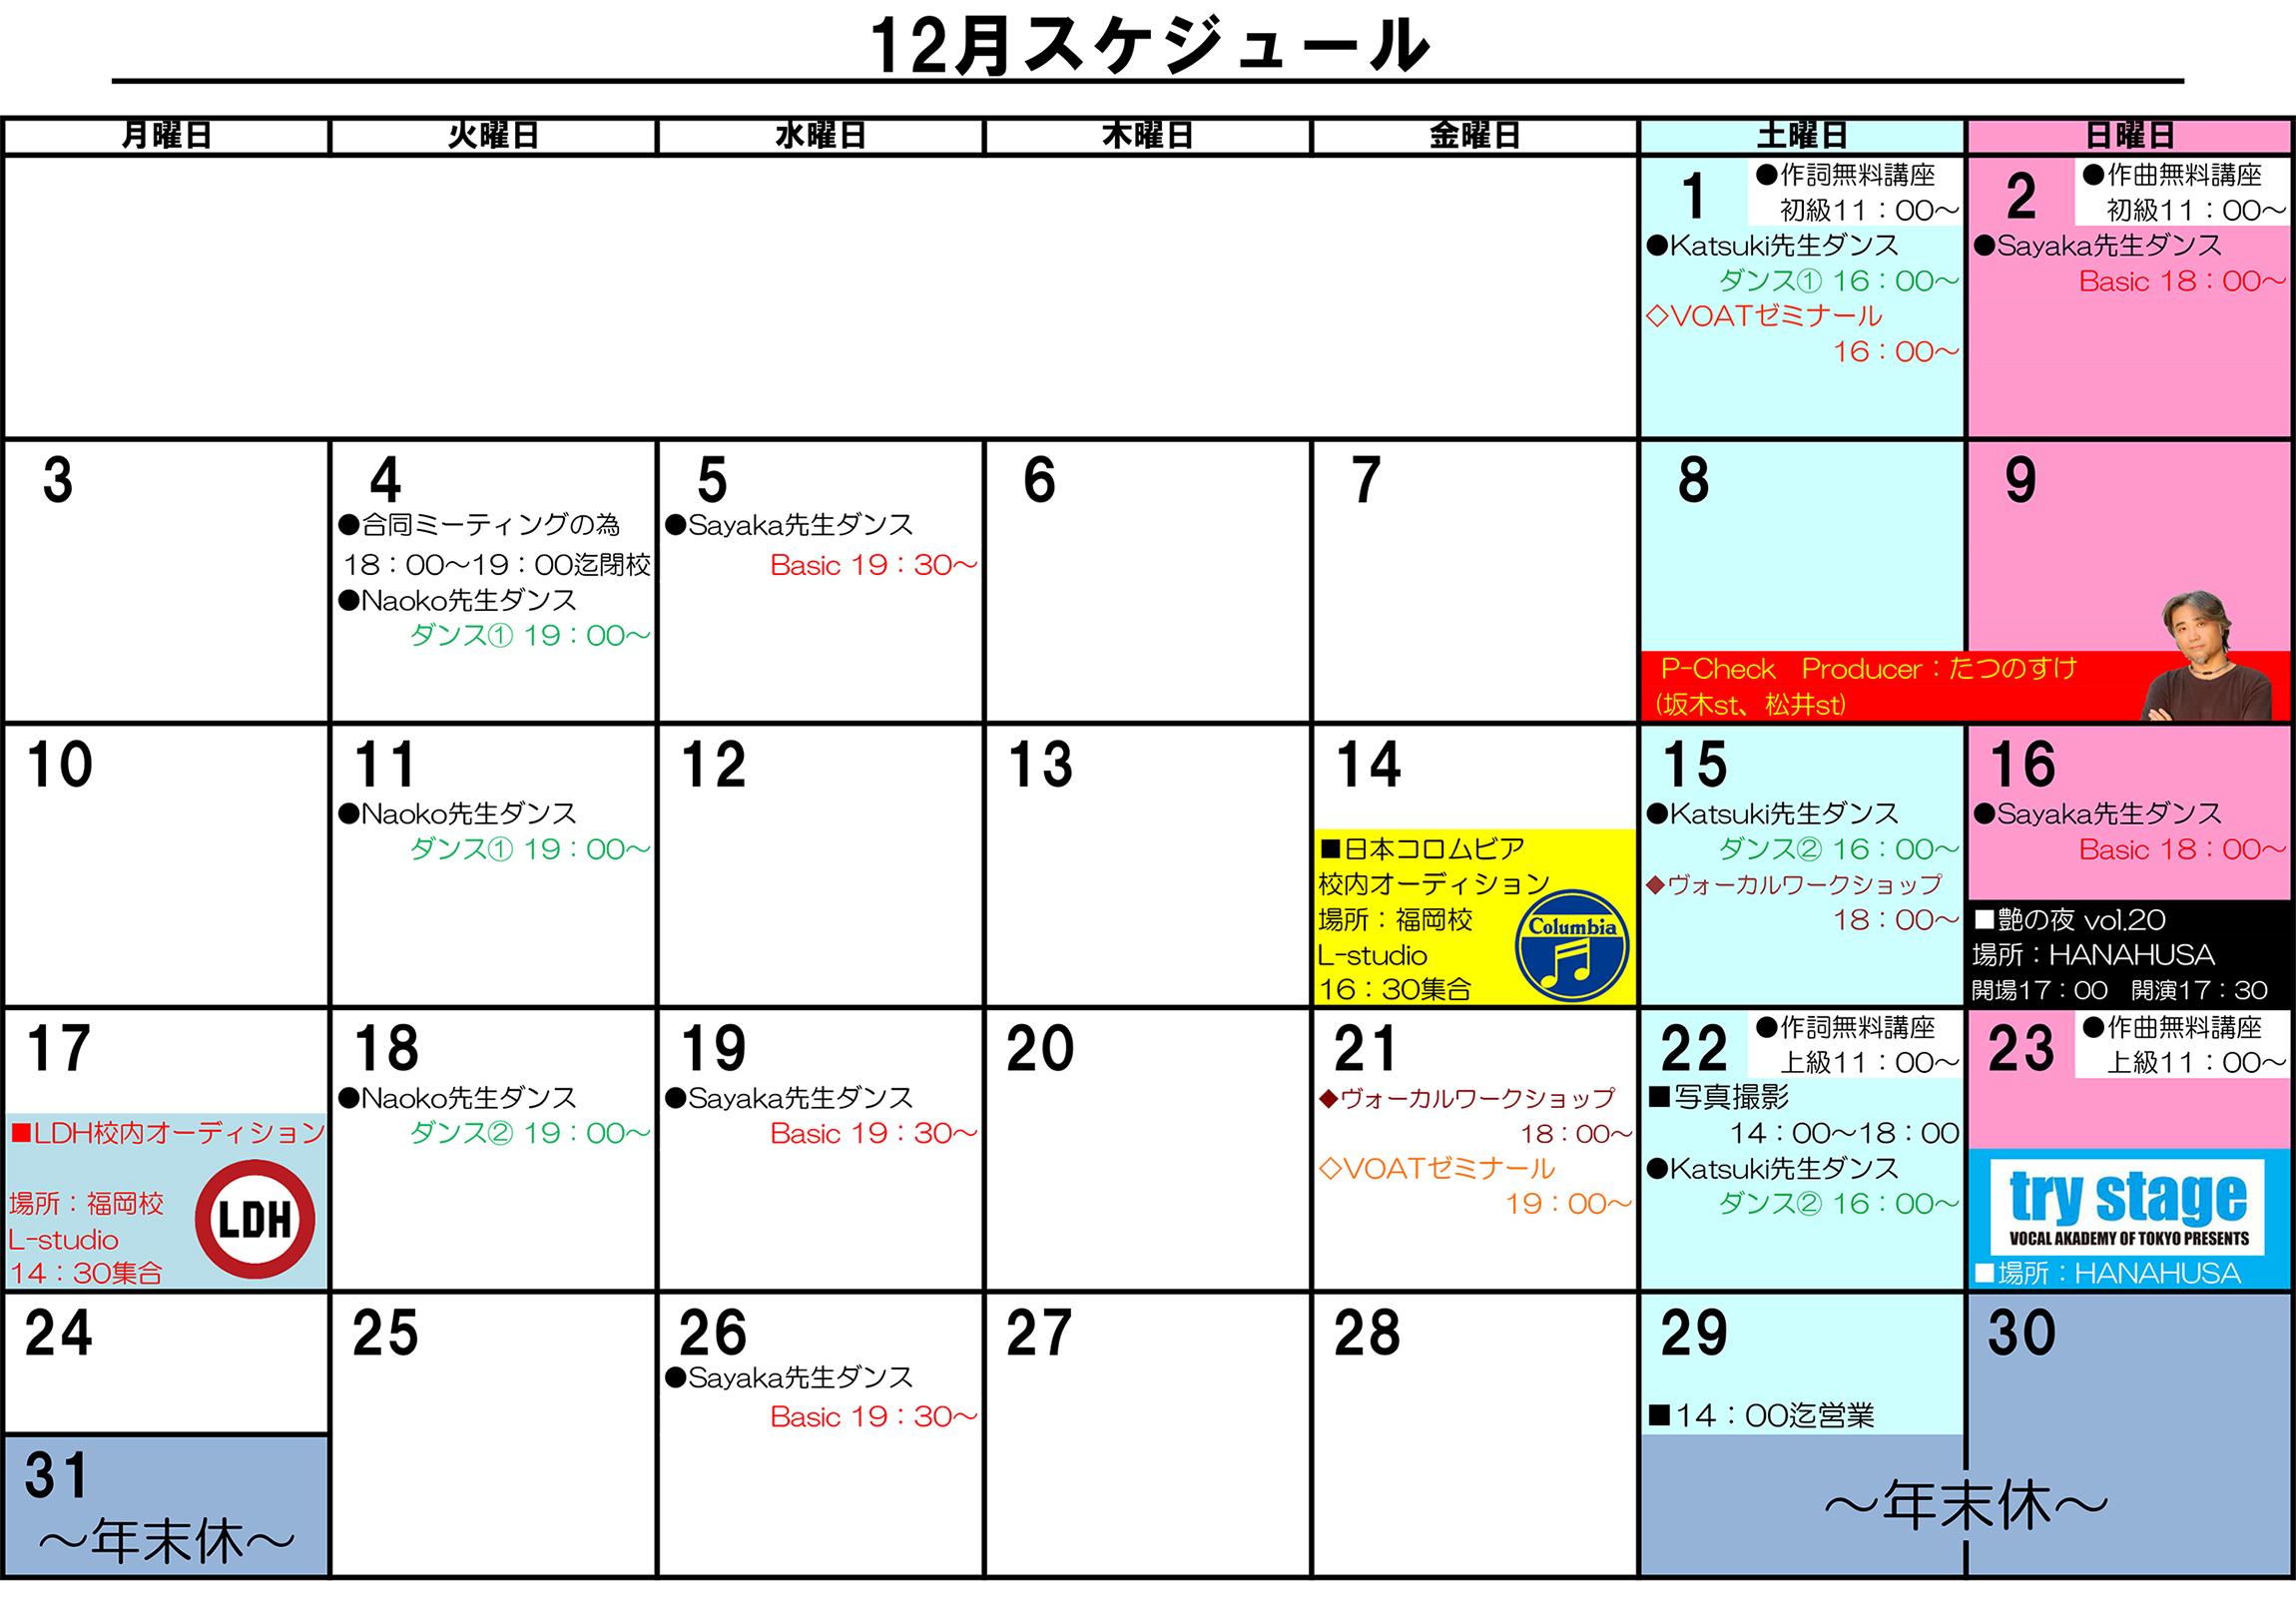 【福岡】12月のスケジュールです。